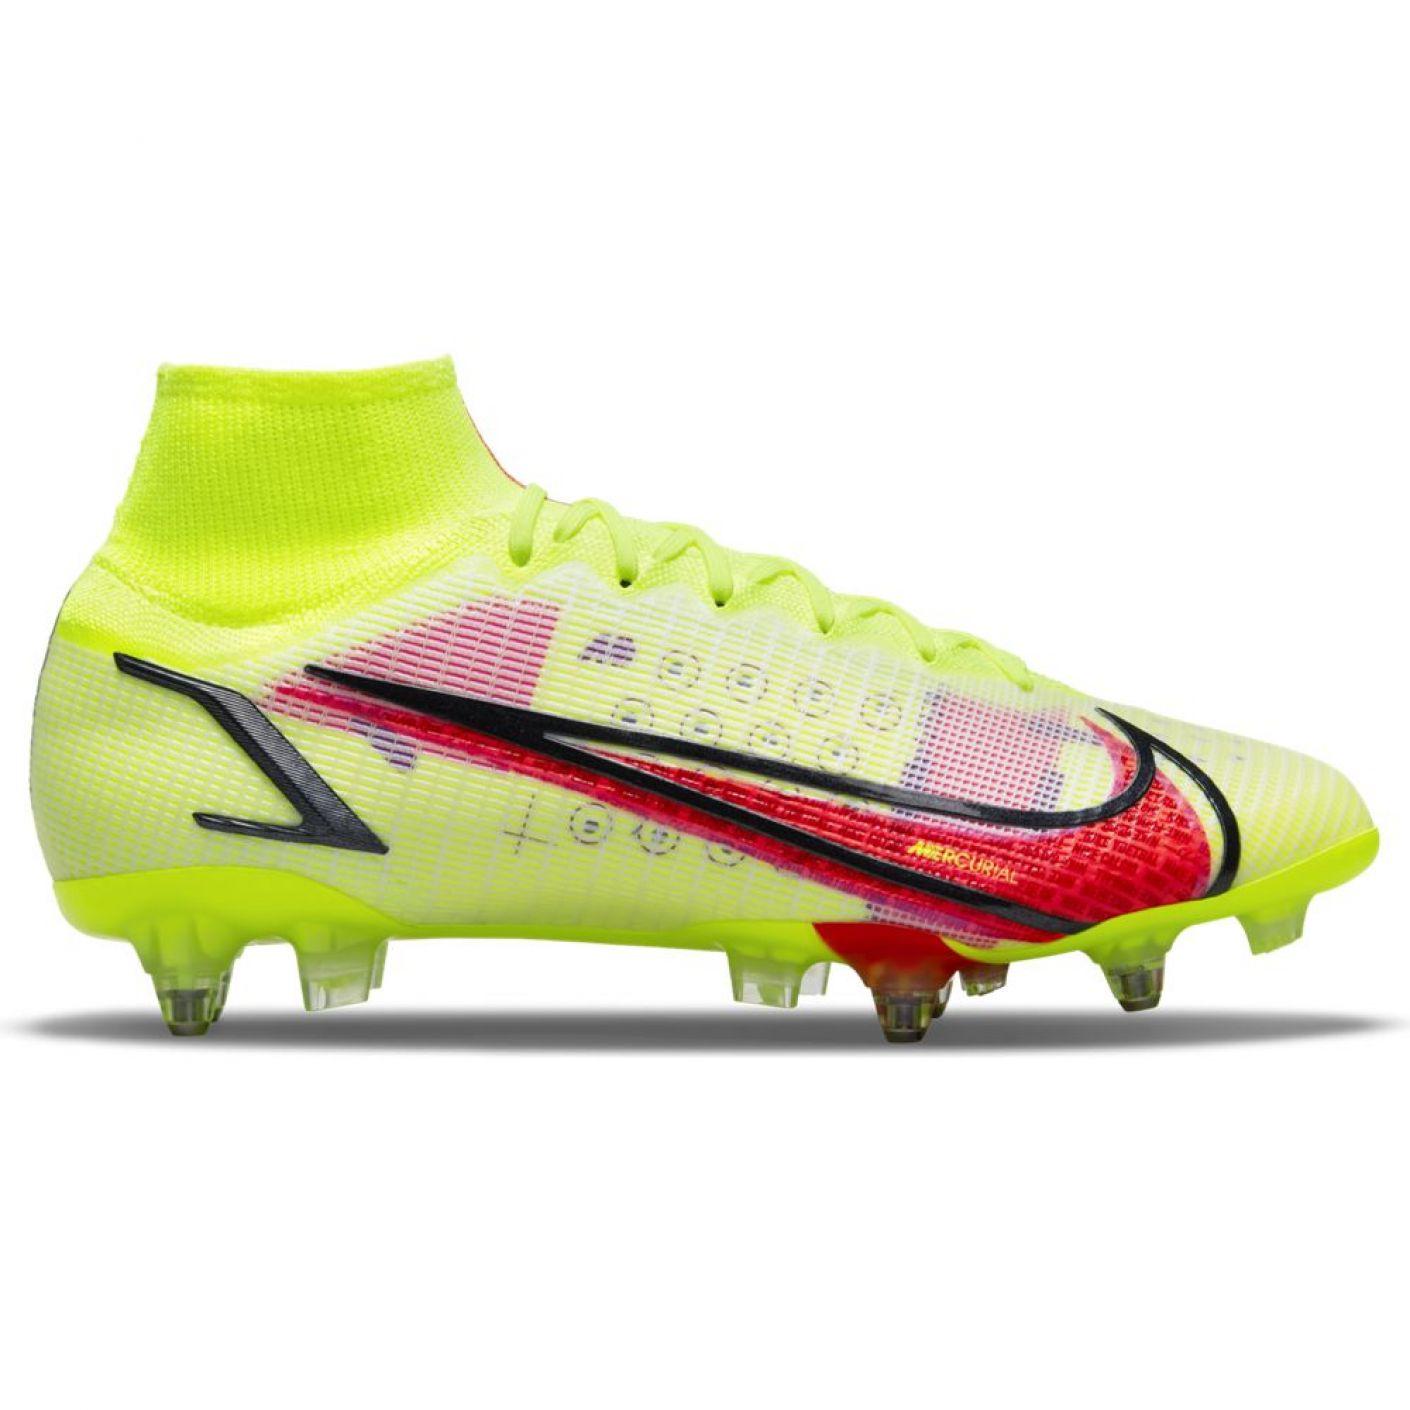 Nike Mercurial Superfly 8 Elite Ijzeren-Nop Voetbalschoenen (SG) Anti-Clog Geel Rood Zwart